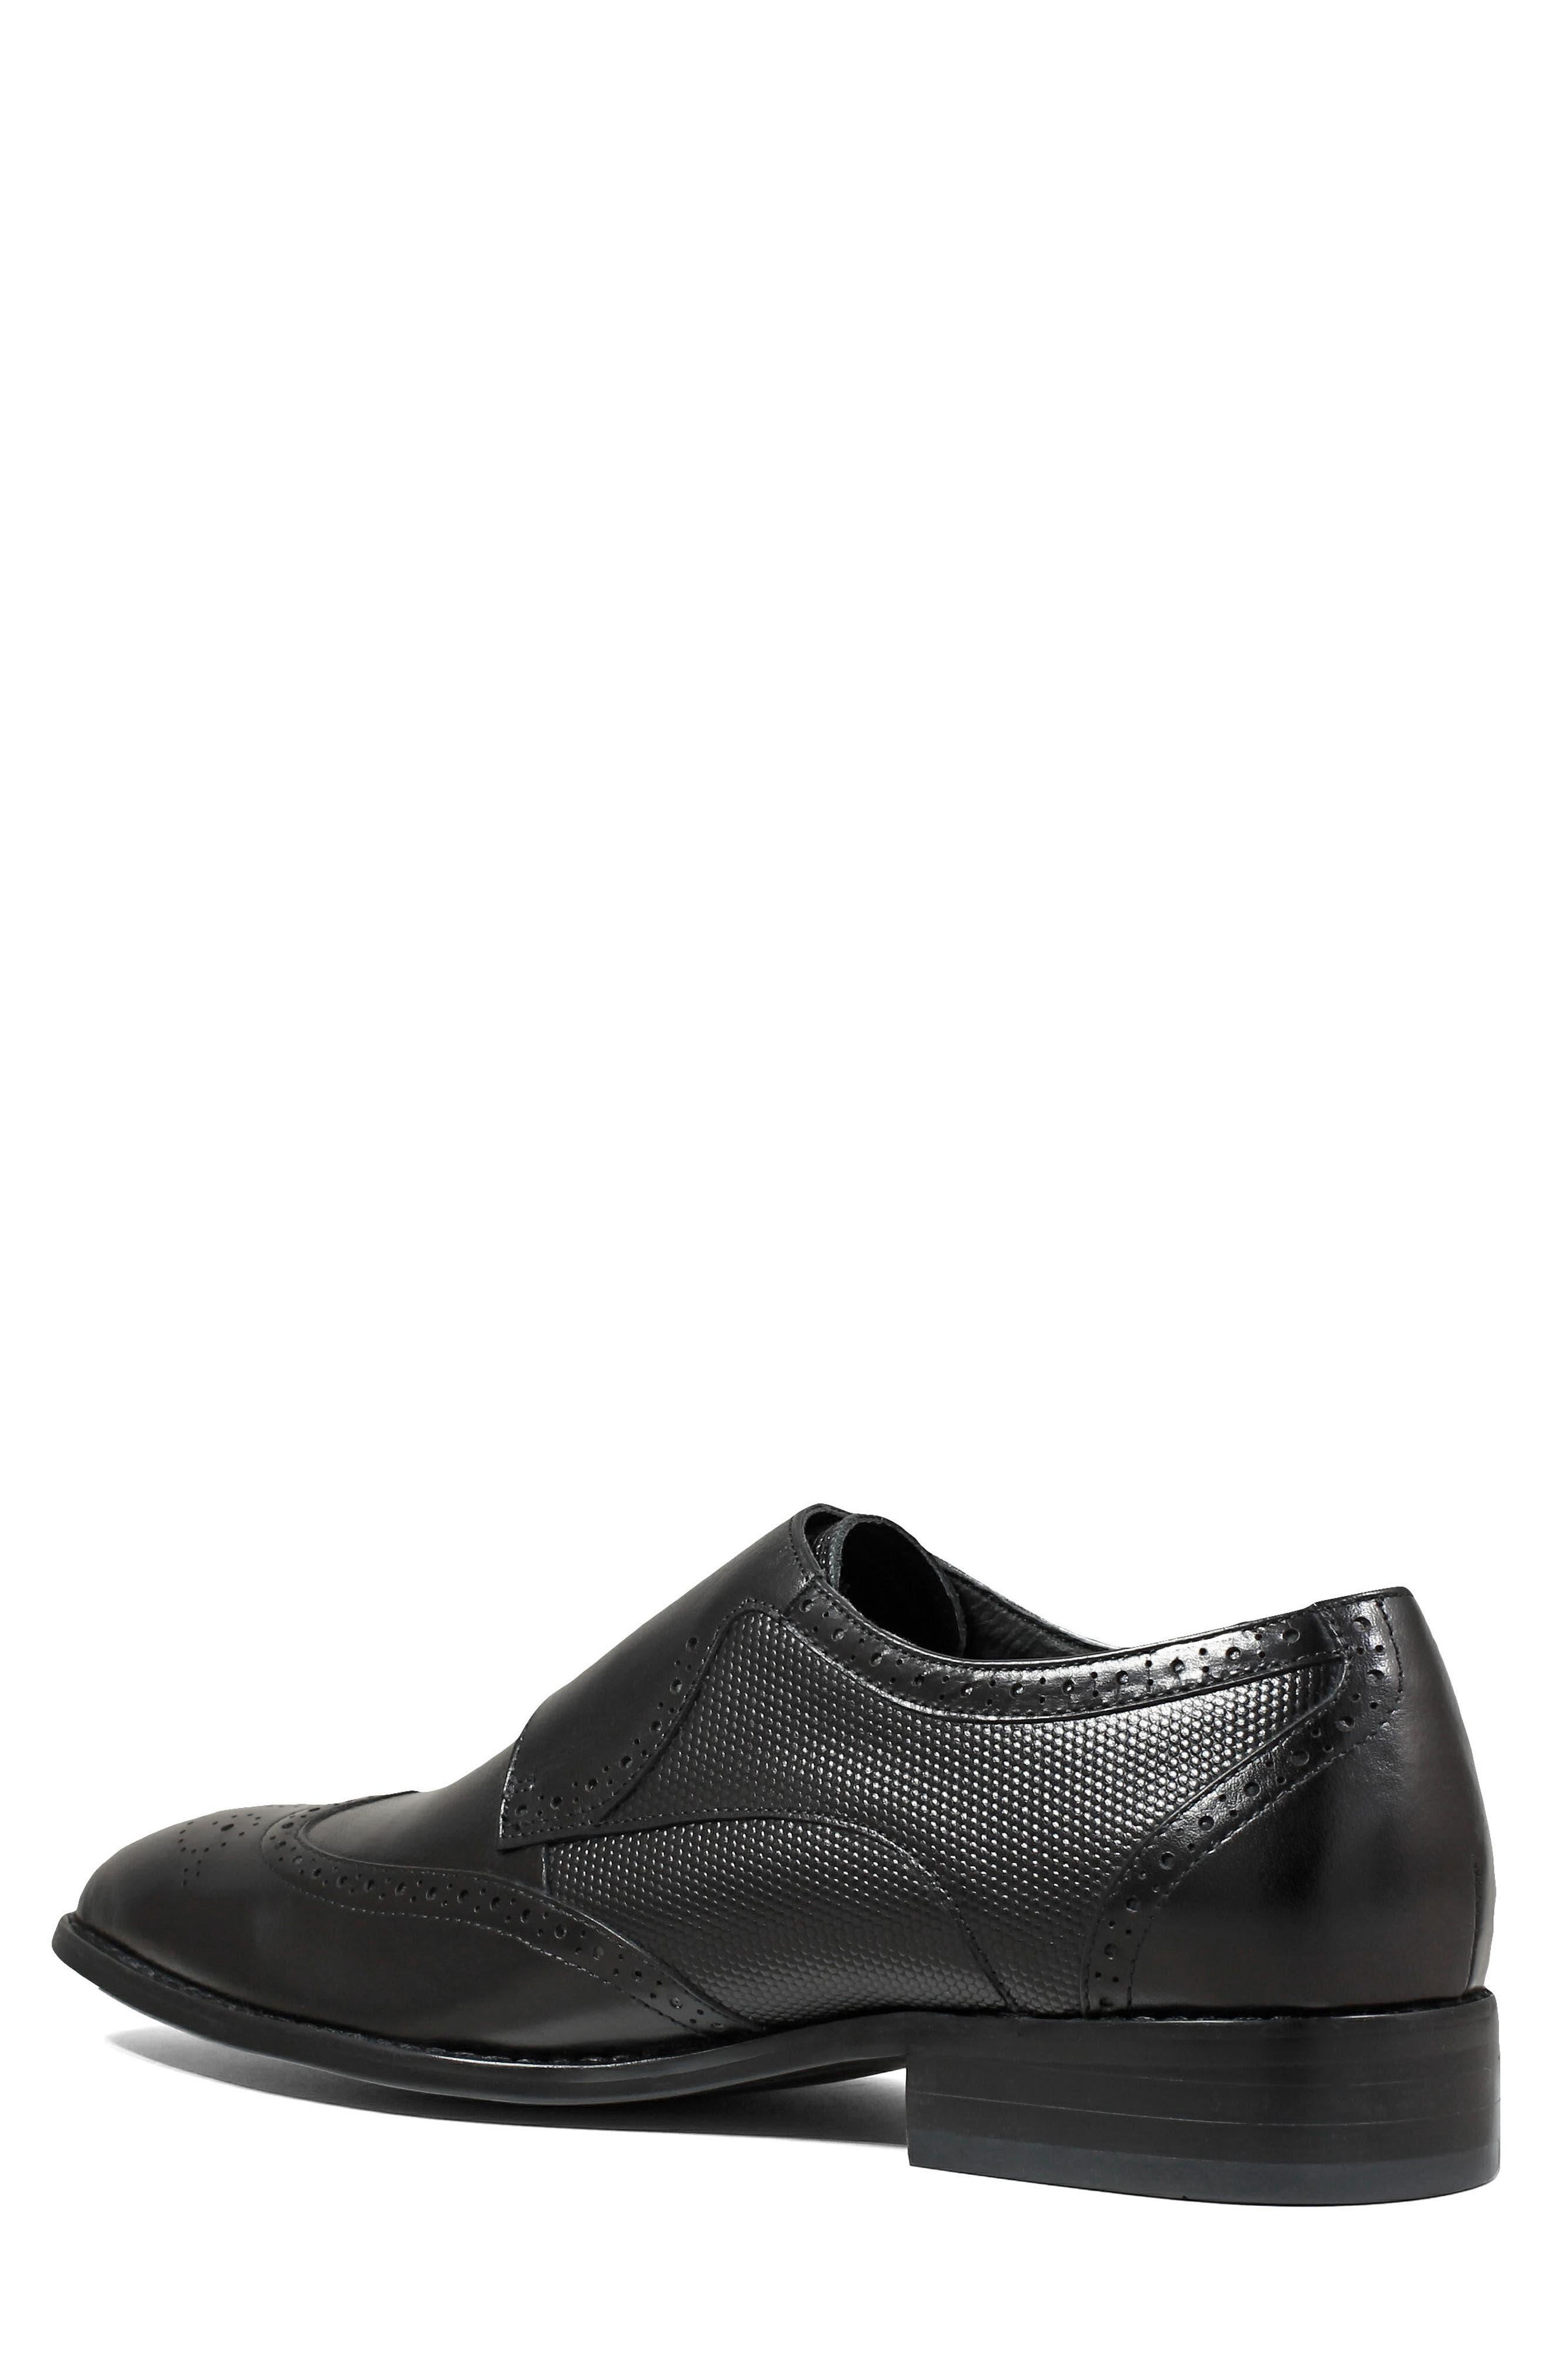 Lavine Wingtip Monk Shoe,                             Alternate thumbnail 2, color,                             BLACK LEATHER